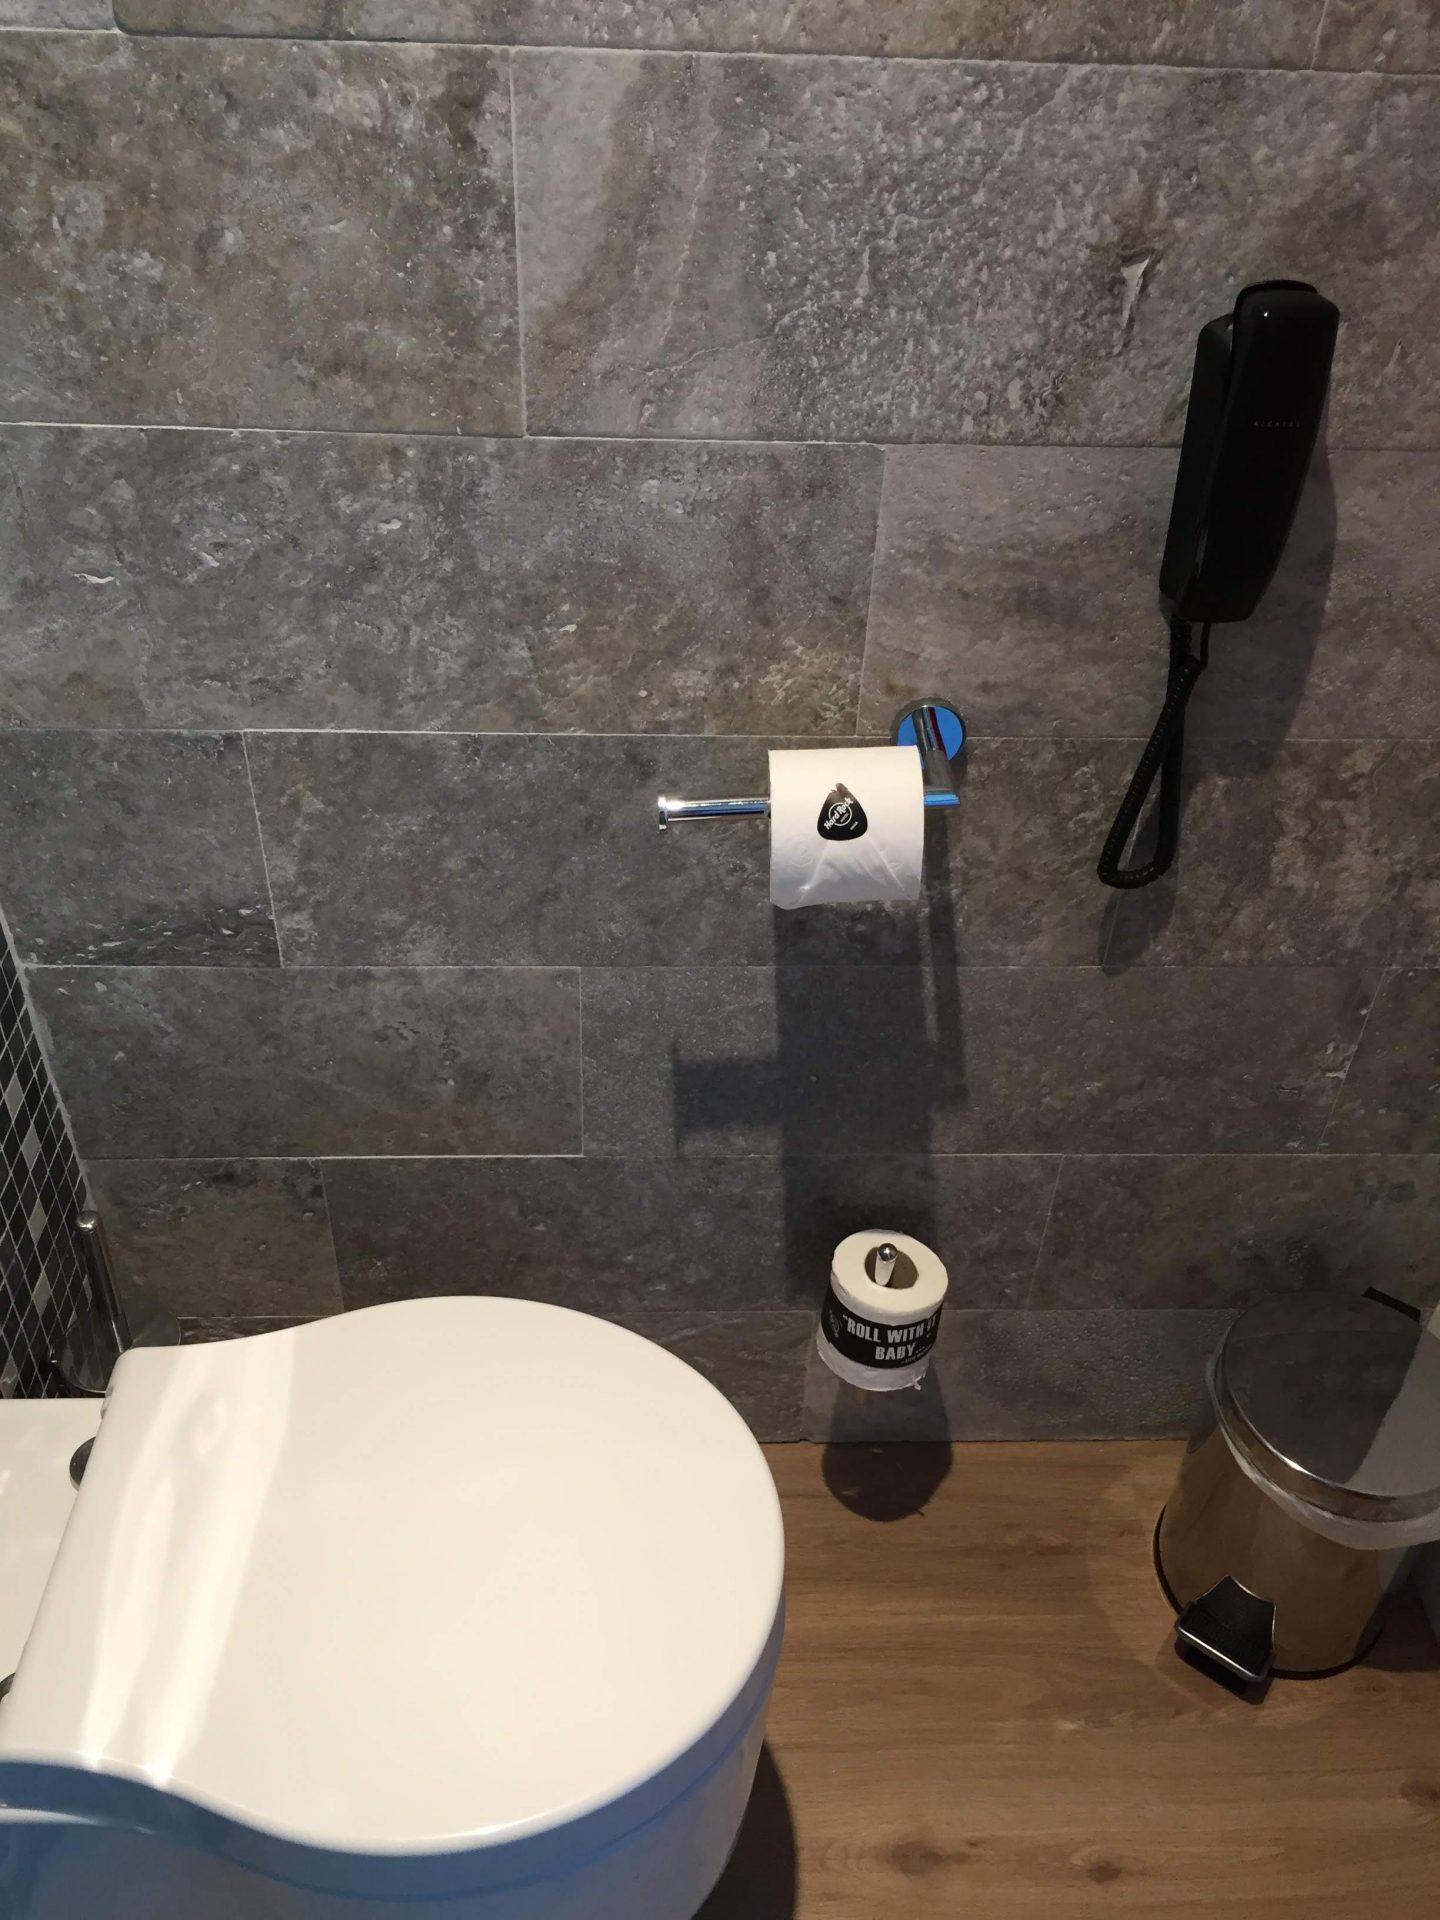 Bathroom at the Hard Rock Hotel